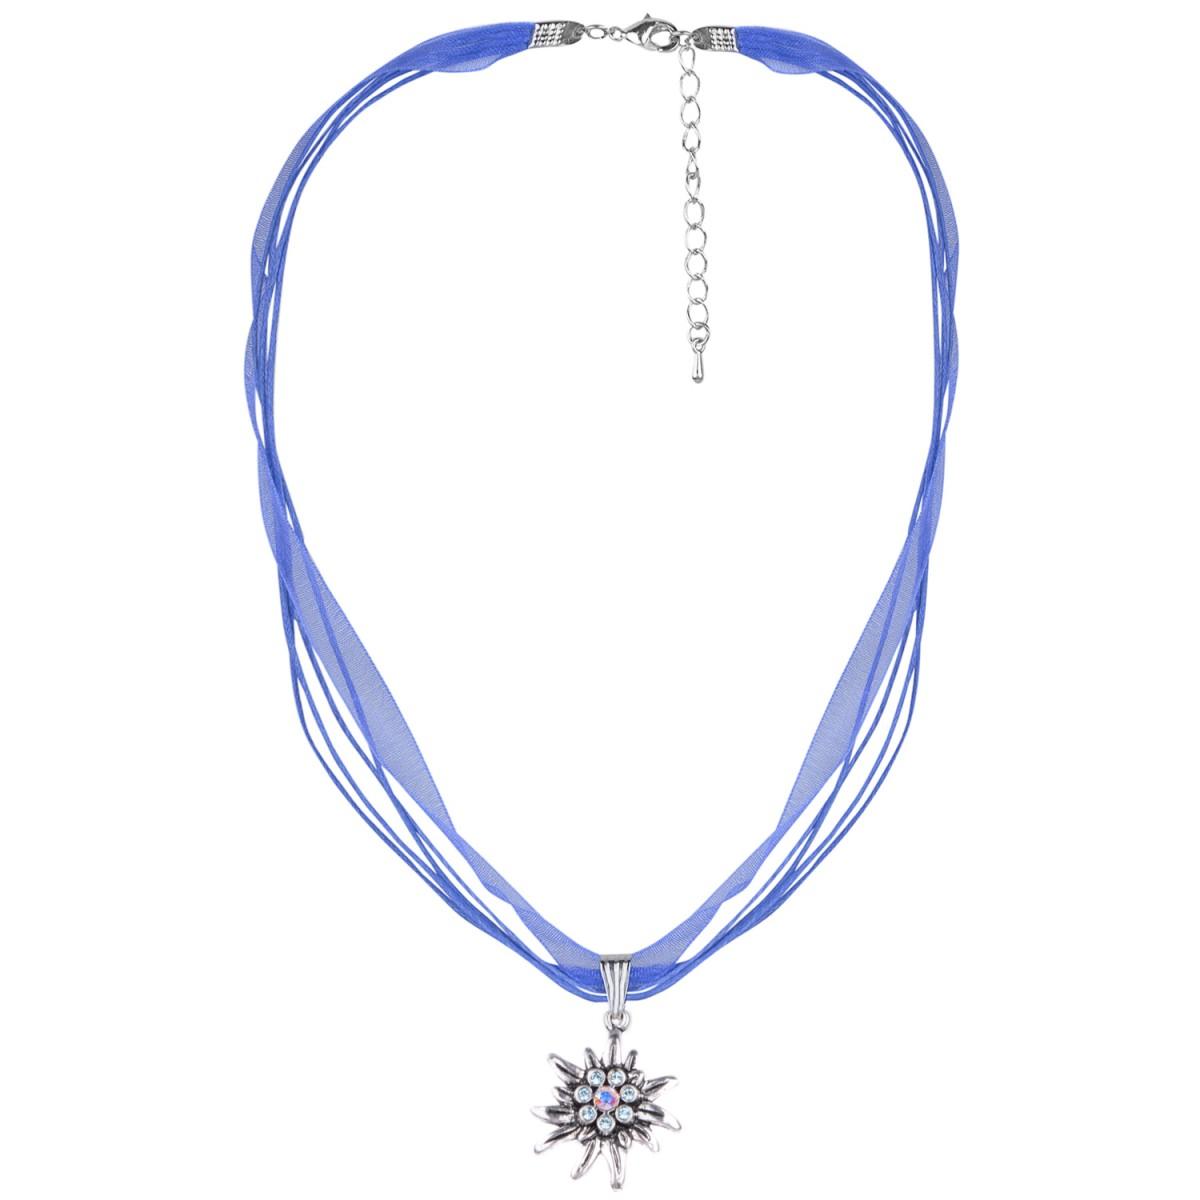 Halskette mit 4 Bändern mit Edelweiß in Blau von Schlick Accessoires günstig online kaufen